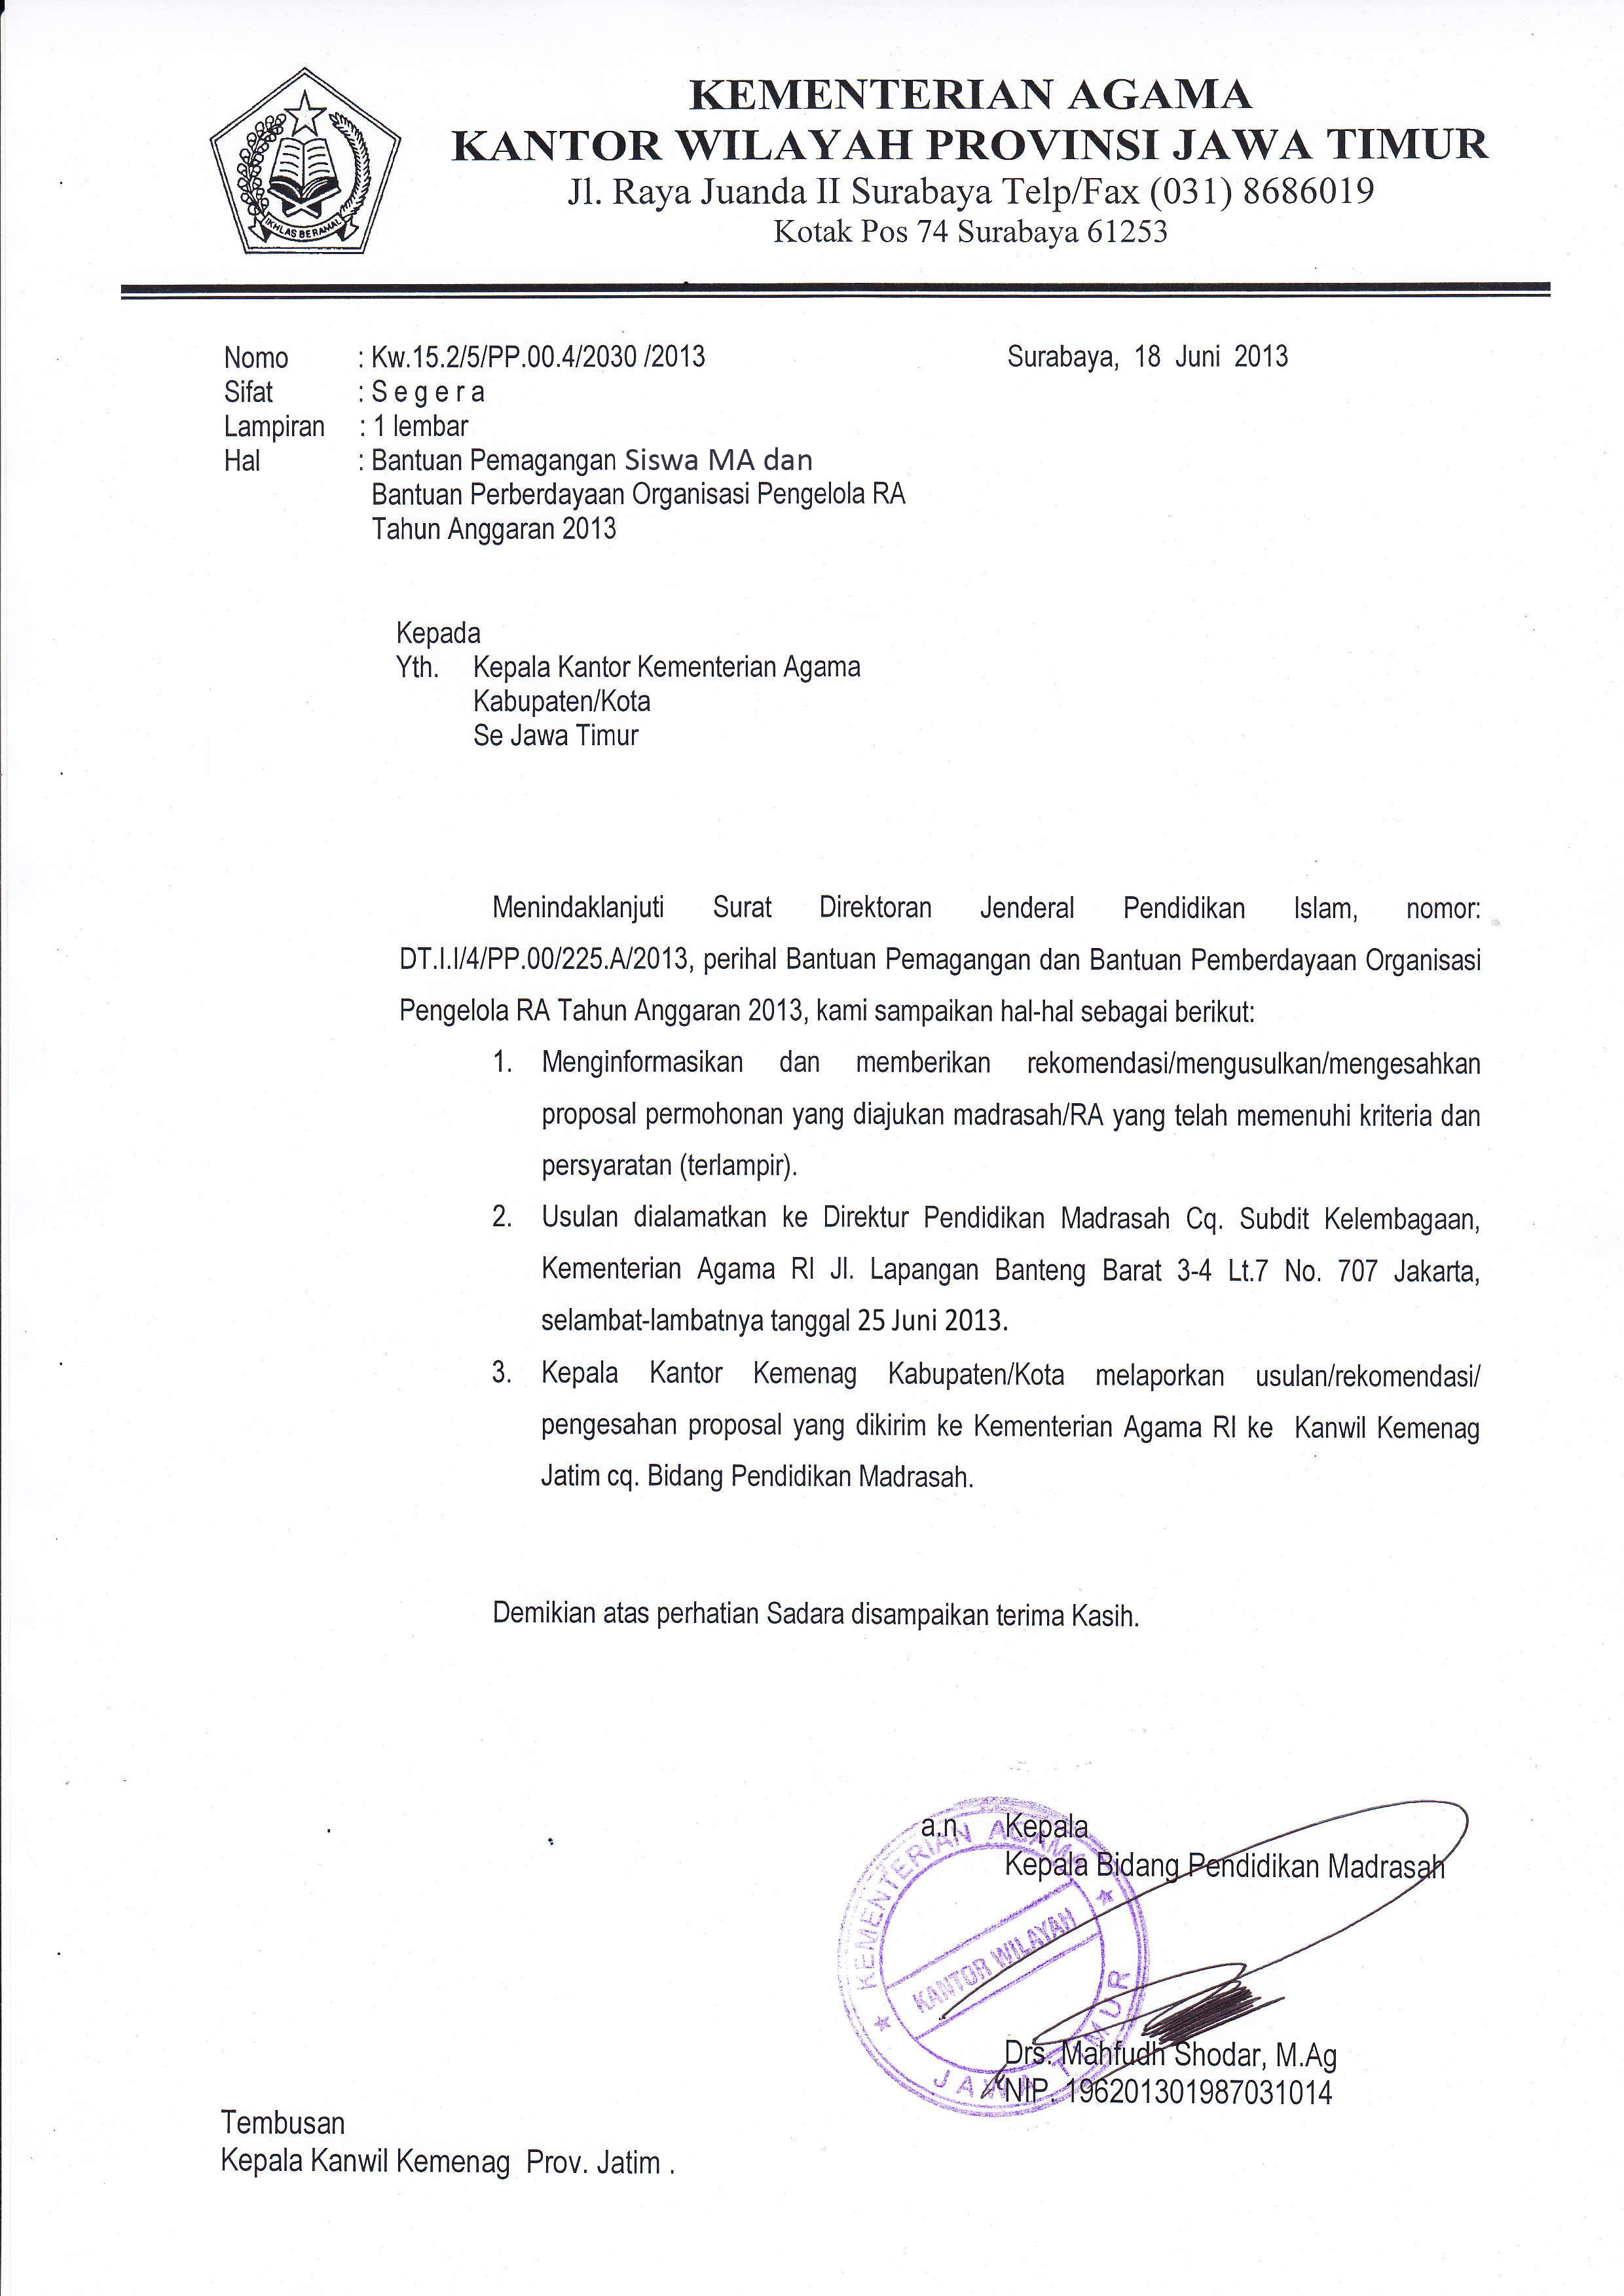 19 June 2013 Seksi Pendidikan Madrasah